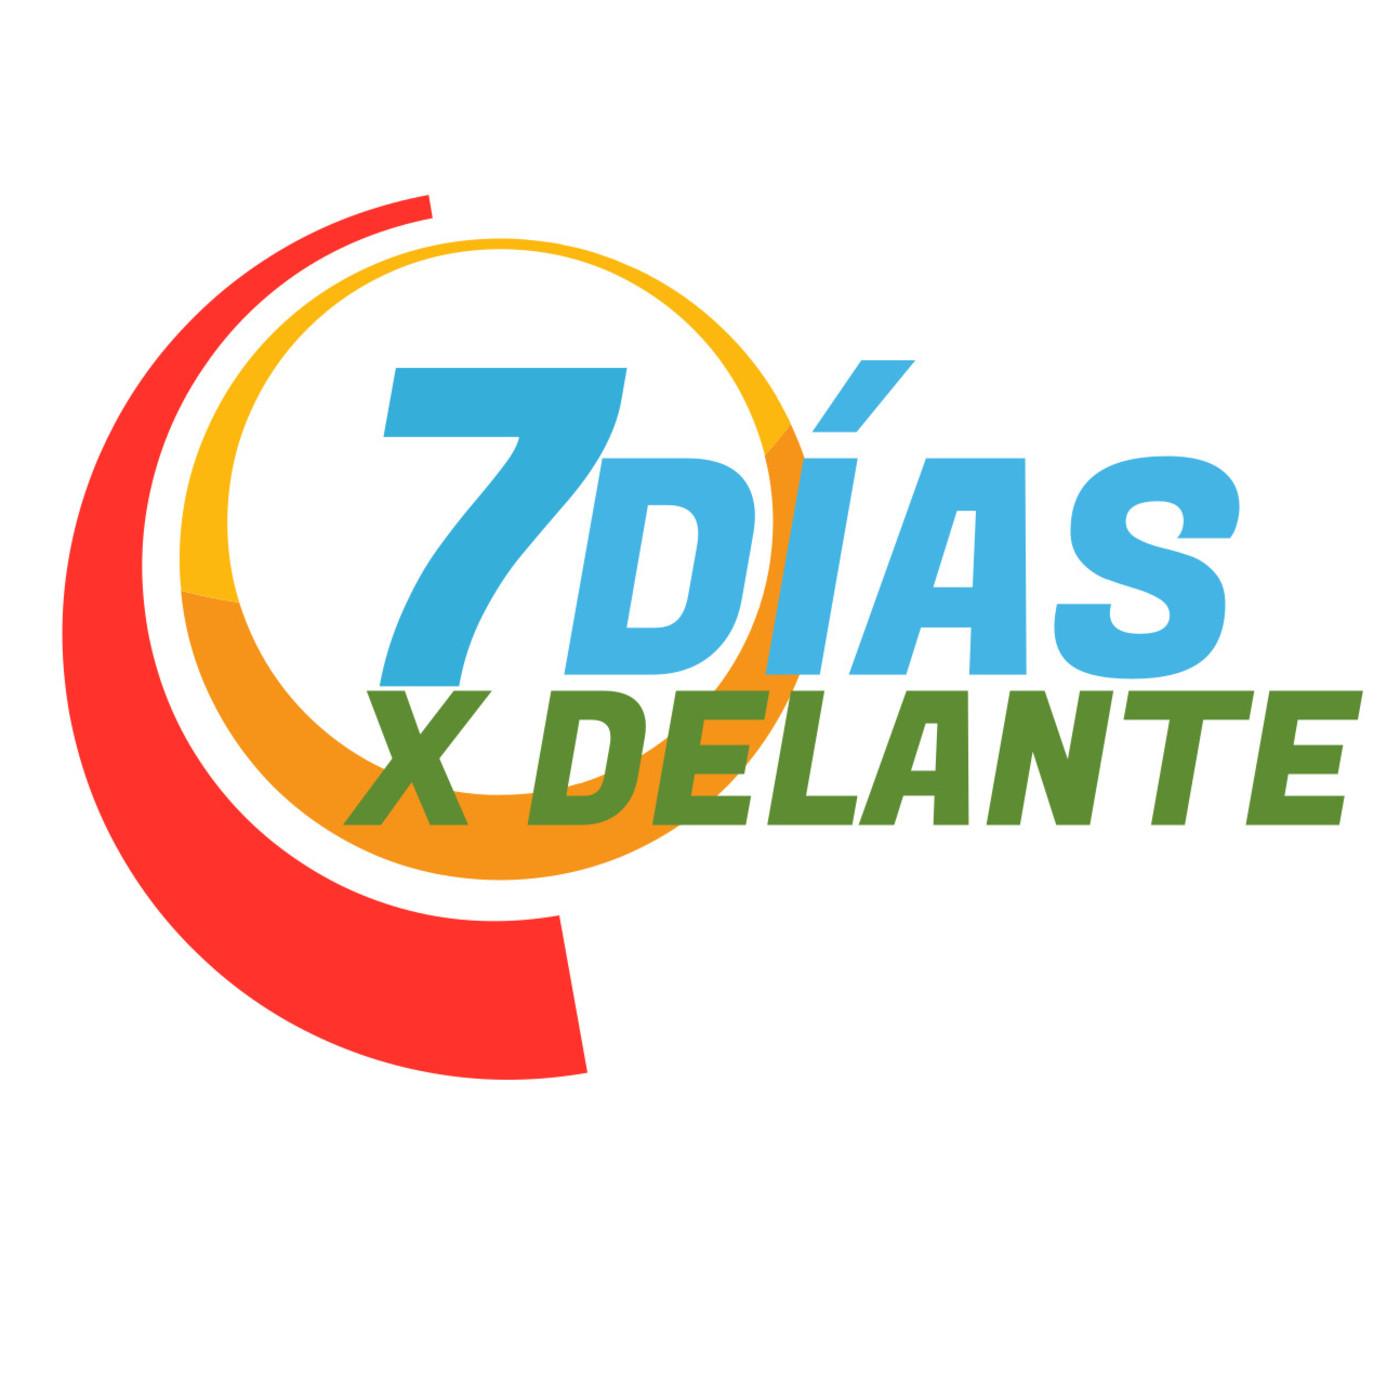 7 DÍAS X DELANTE